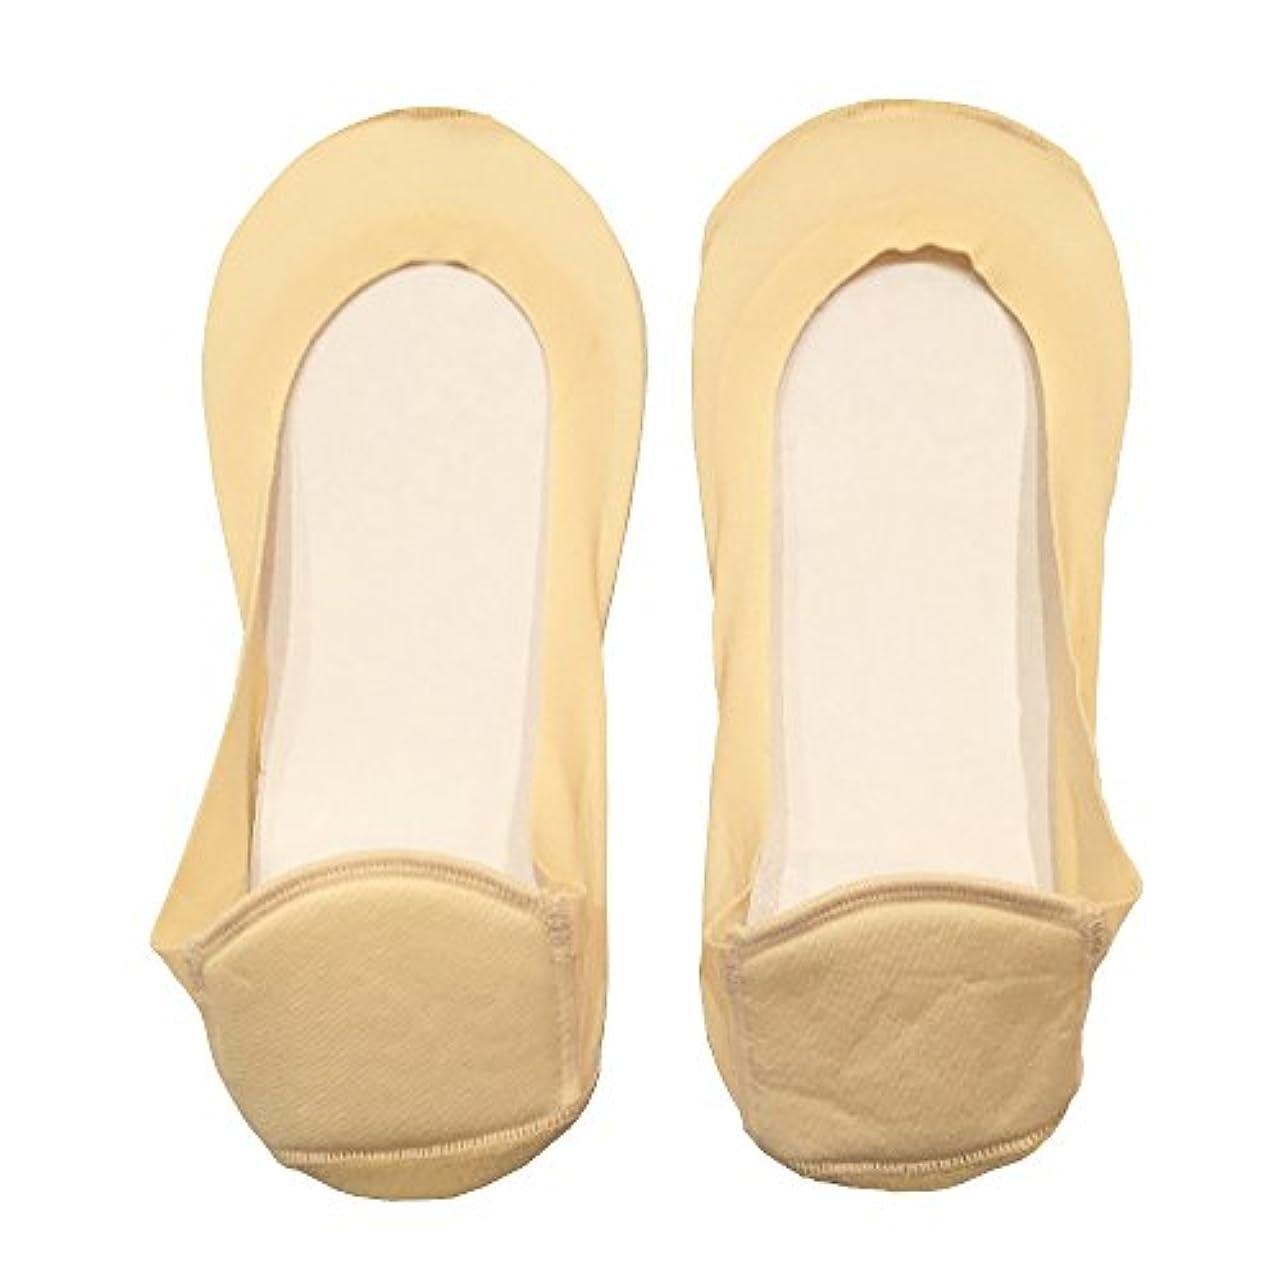 変形セメント病者DrScholl(ドクターショール)靴ずれ防止フットカバー かかとクッション付き 8804DR-80 ベージュ